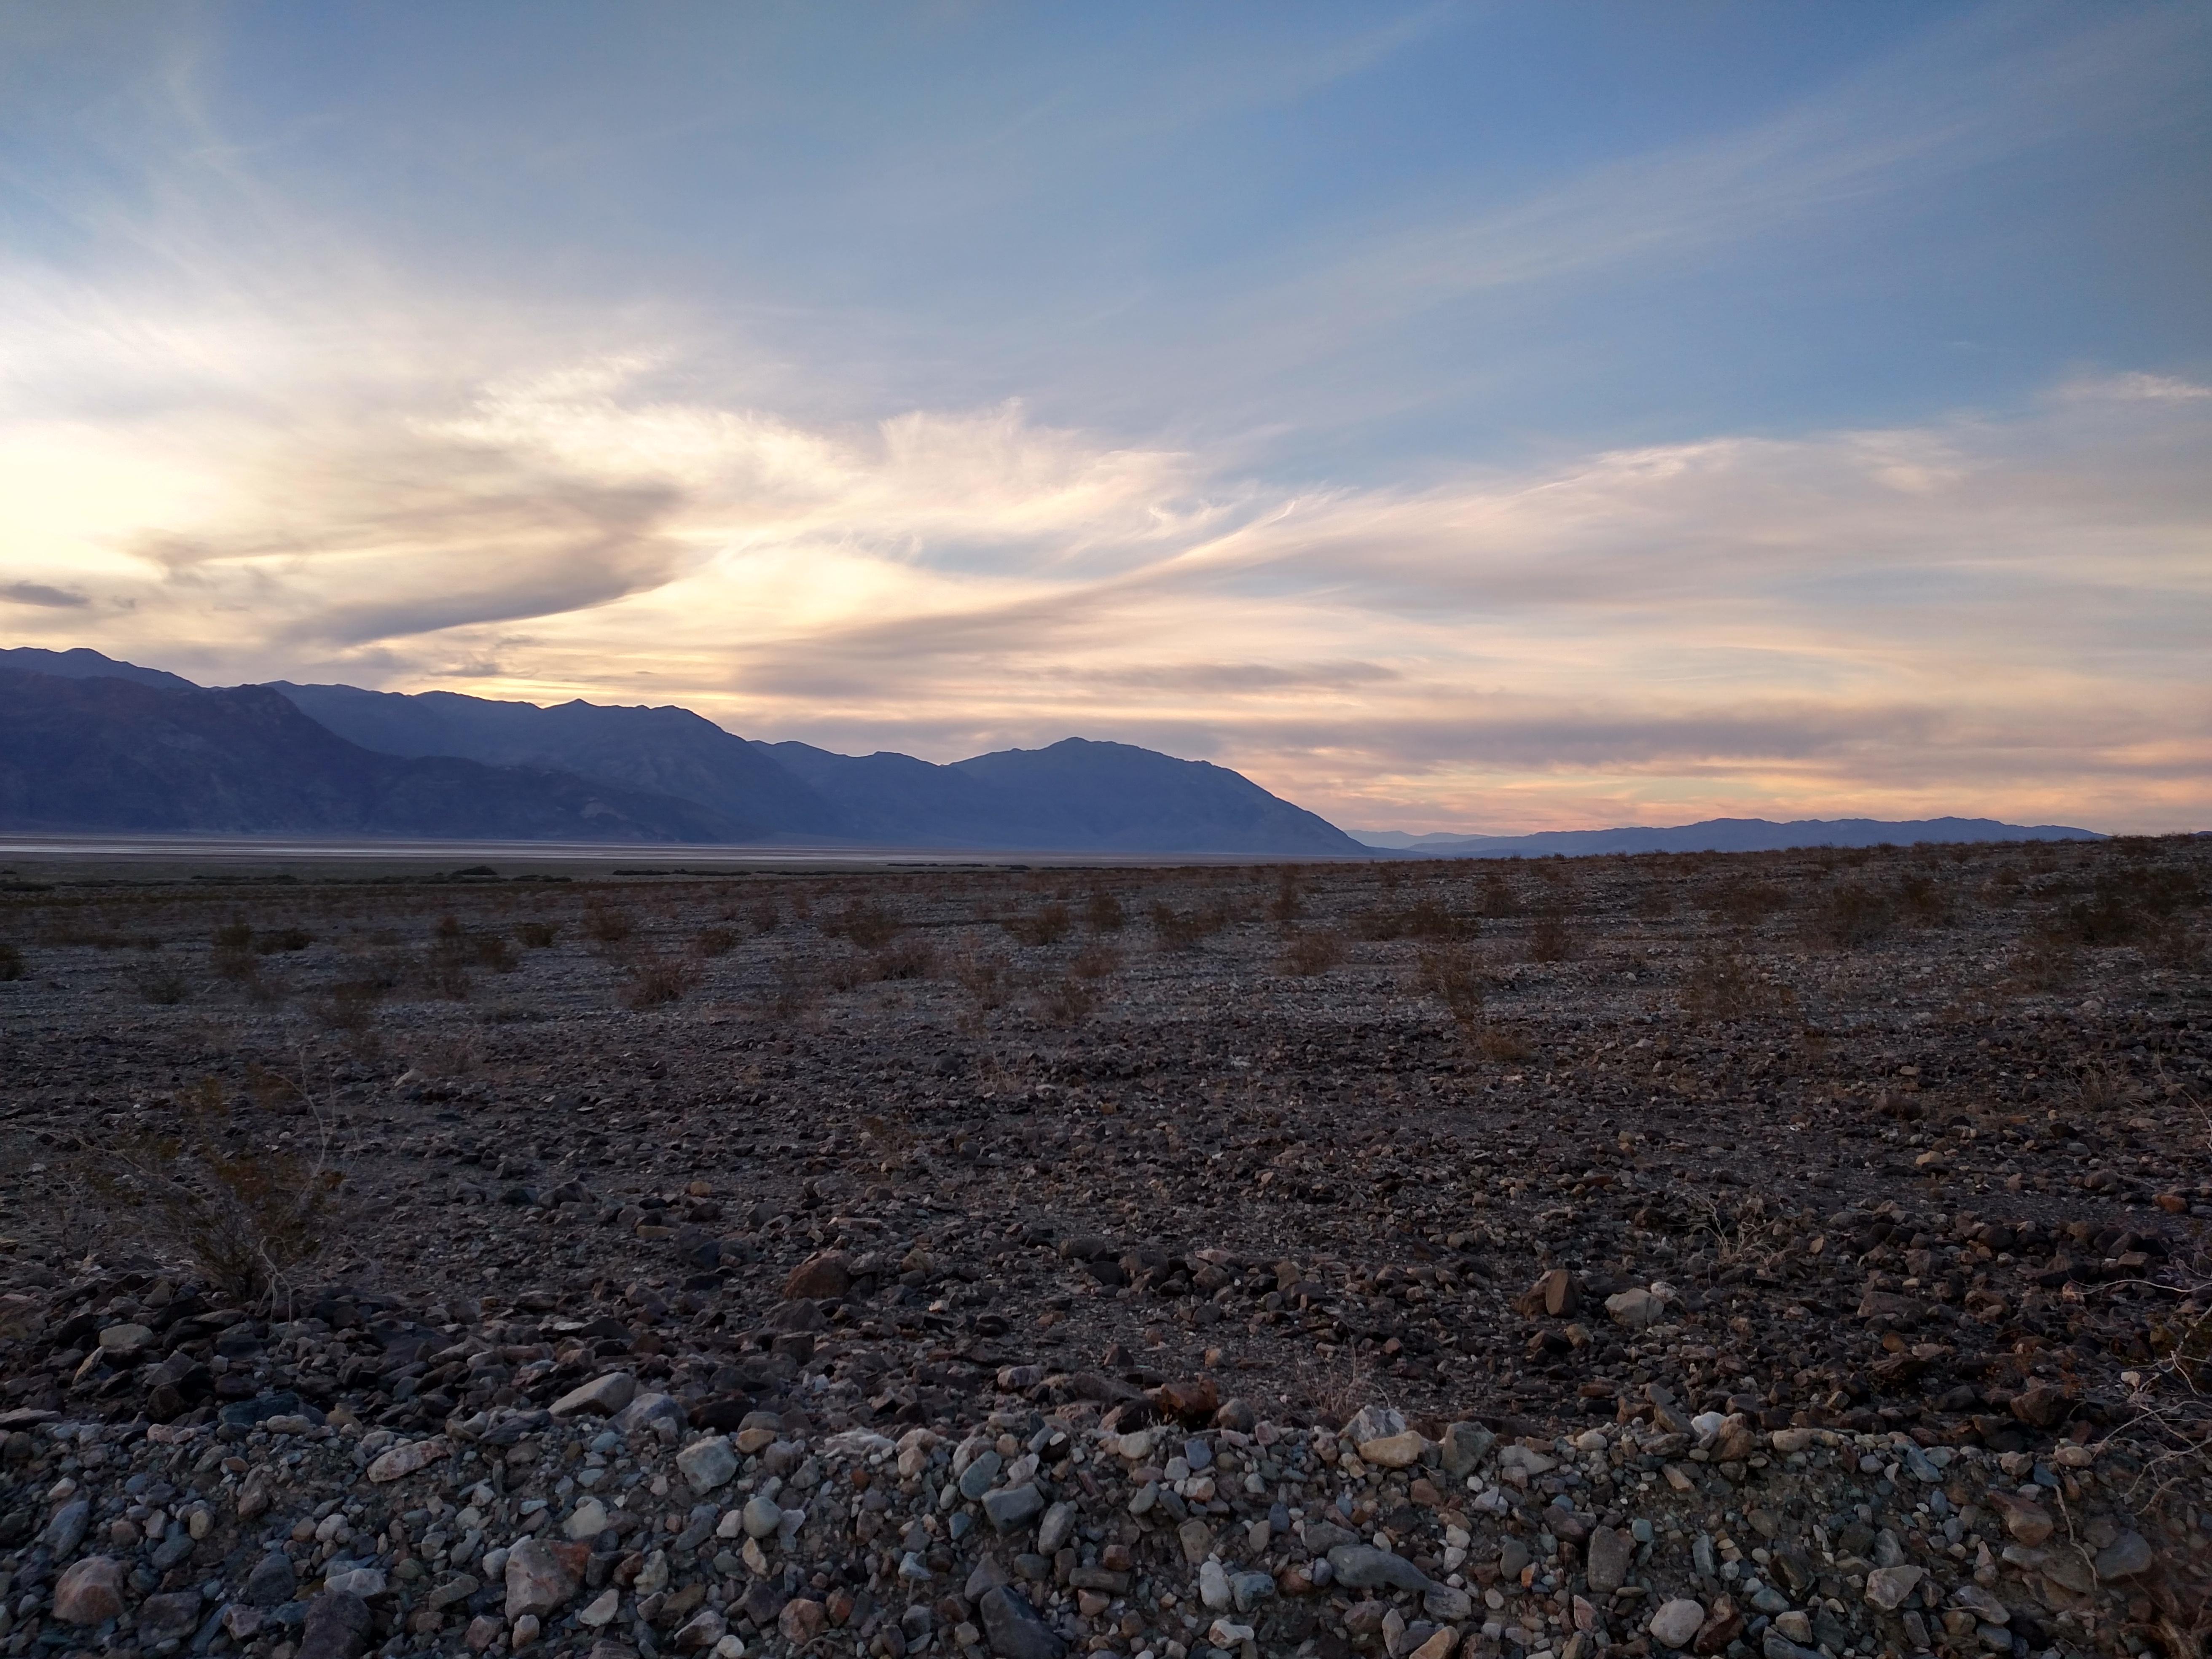 More Playa Views, Hitchhiking and Cowboys